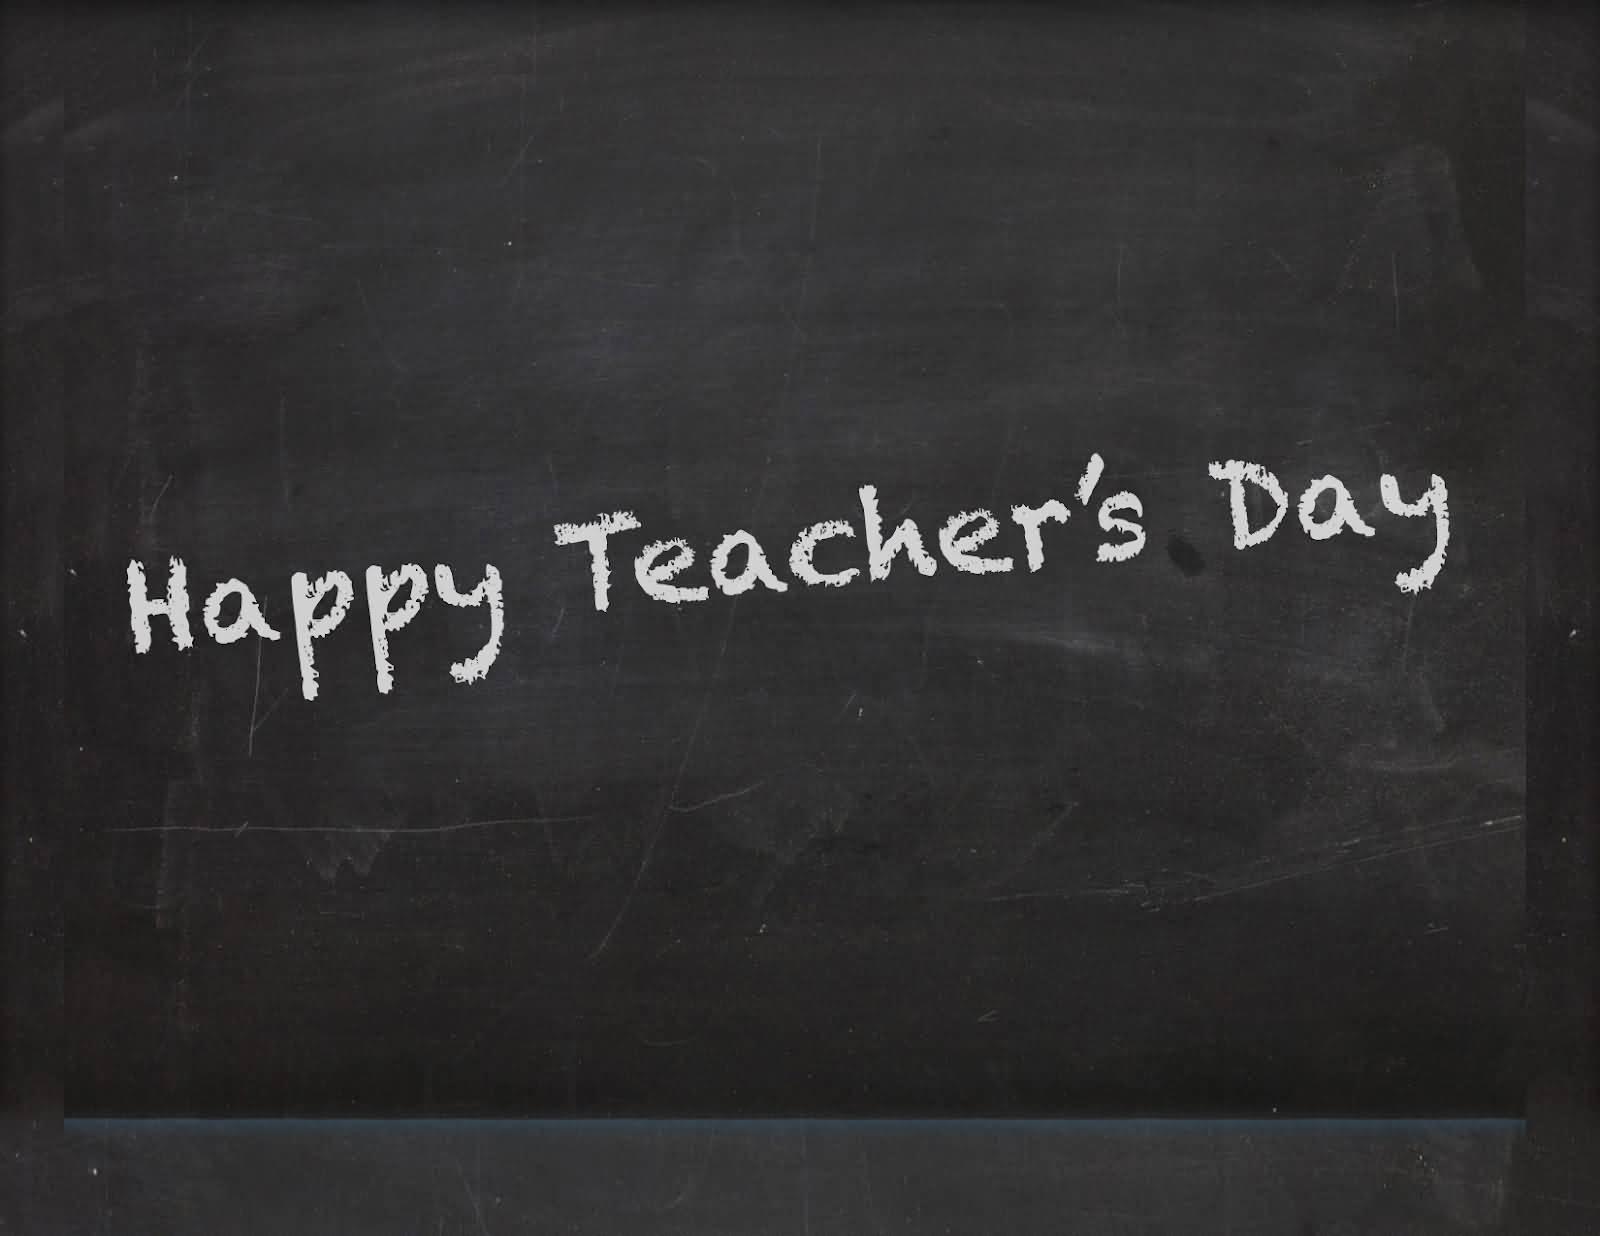 Happy Teacher's Day Written On Blackboard